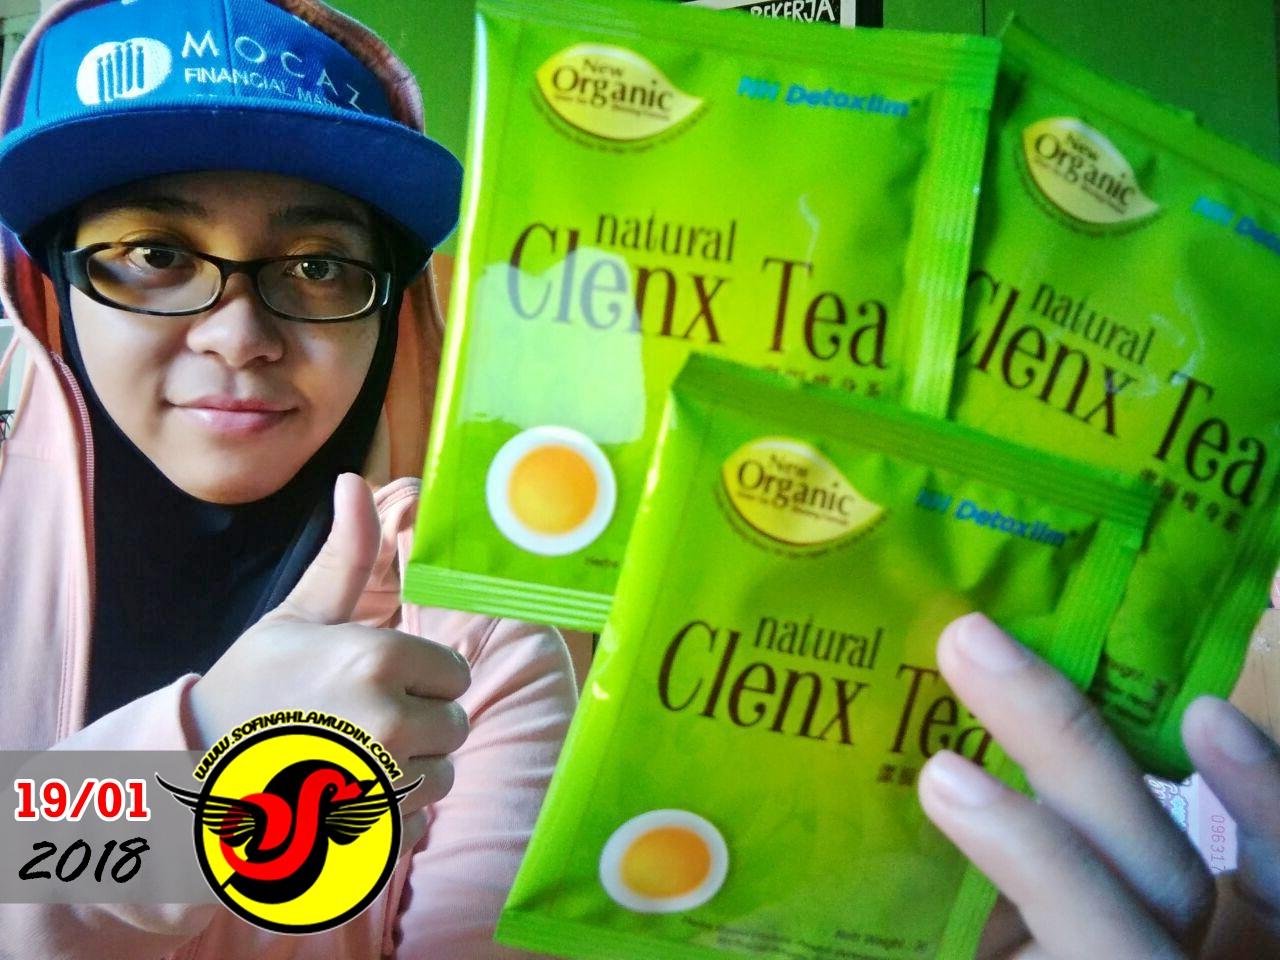 természetes clenx tea fogyás